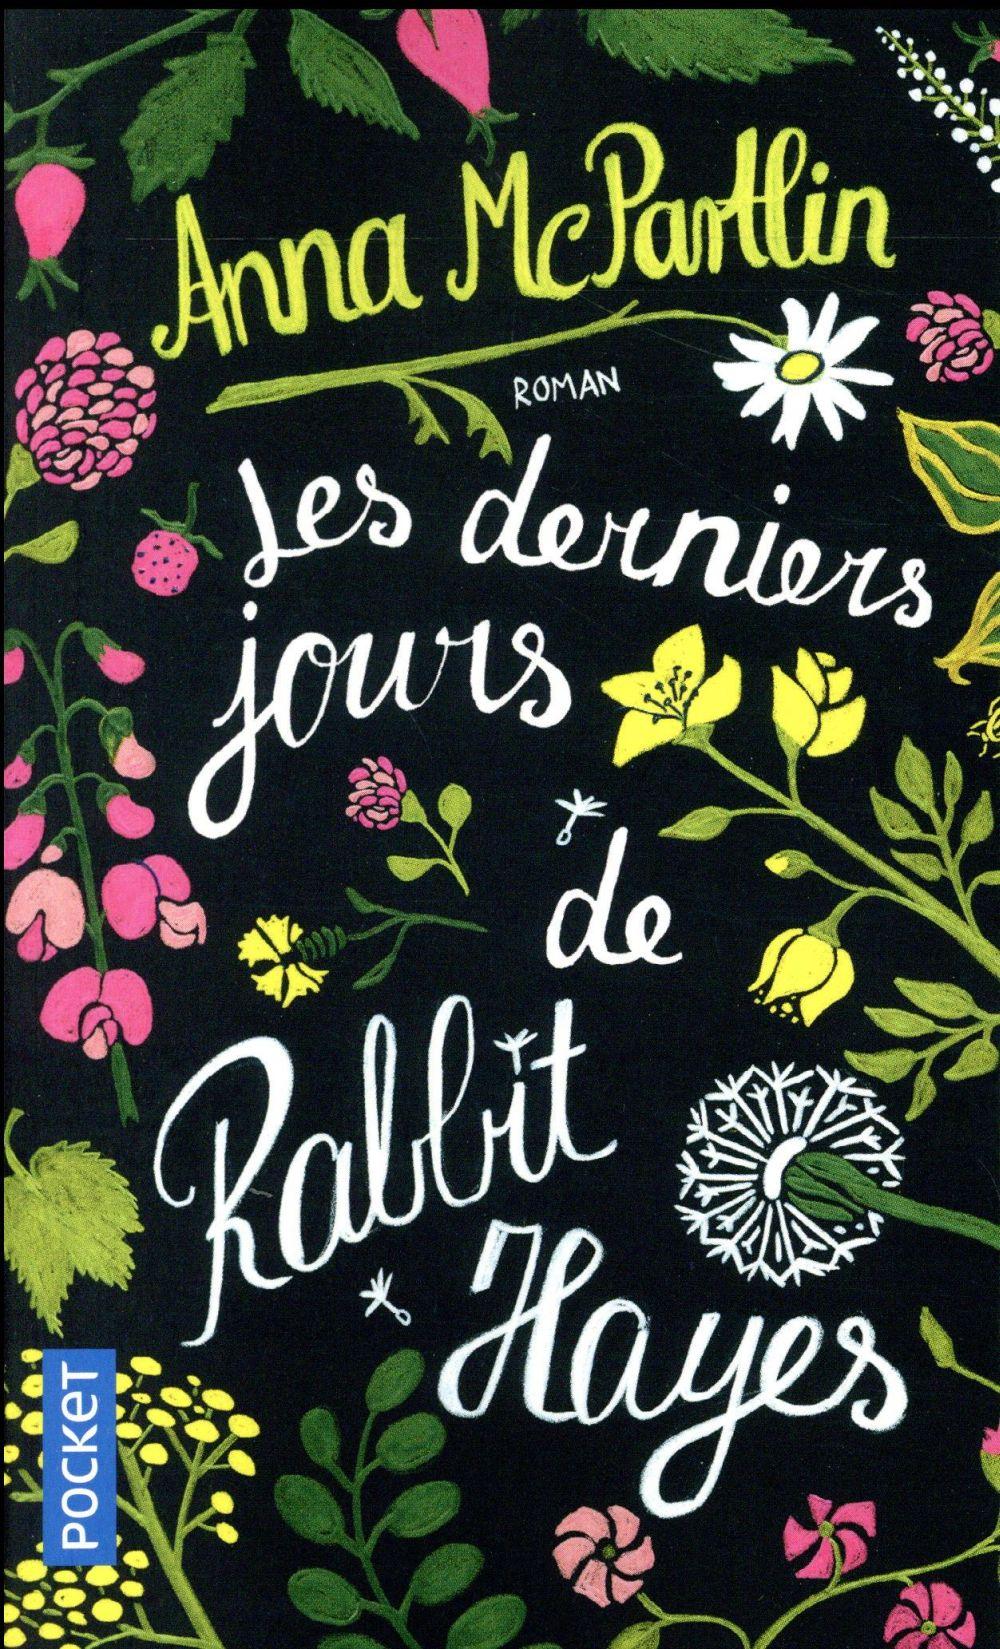 MCPARTLIN ANNA - LES DERNIERS JOURS DE RABBIT H